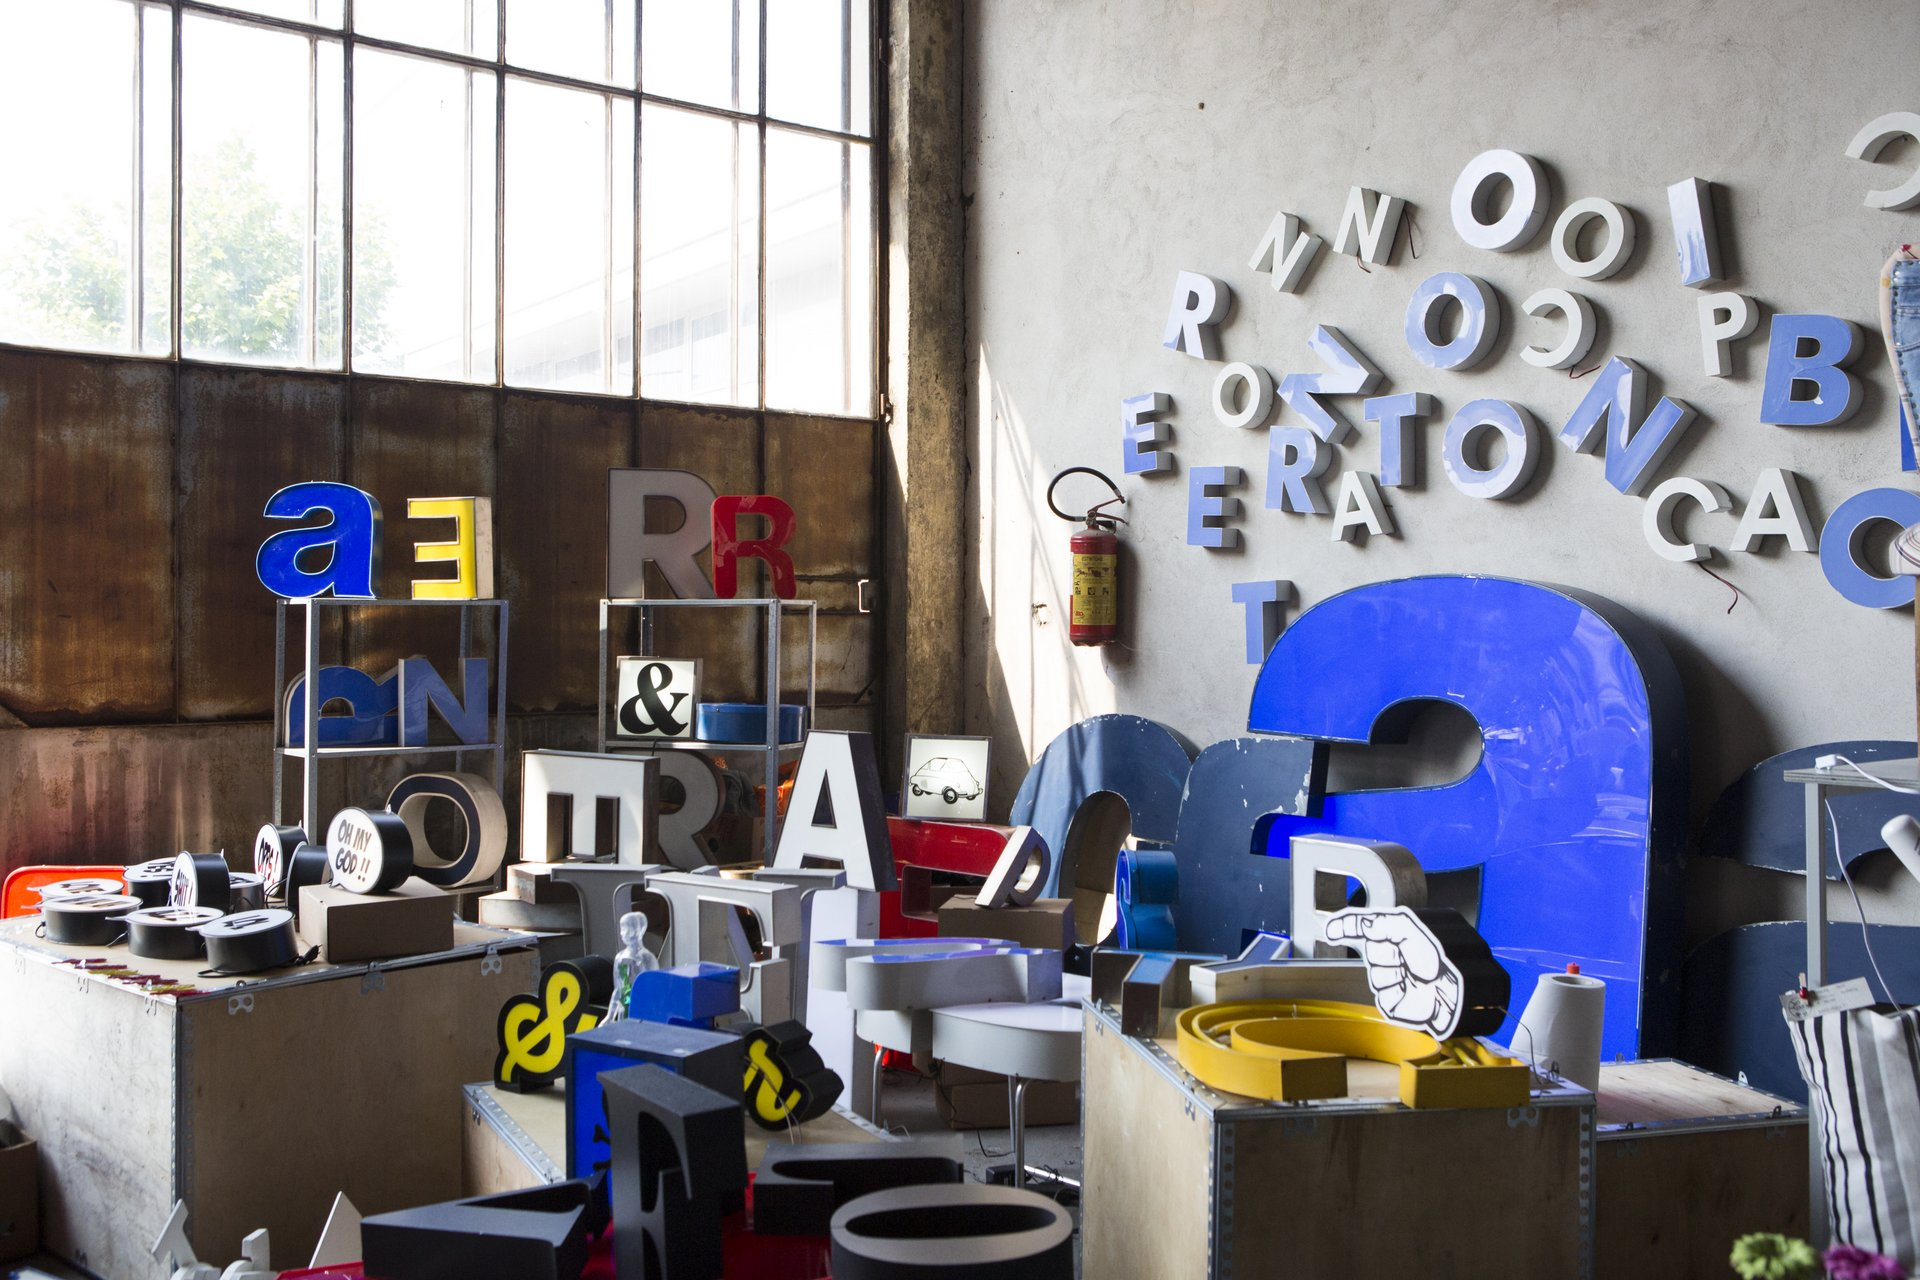 Matrioska Labstore Rimini | edizione 7